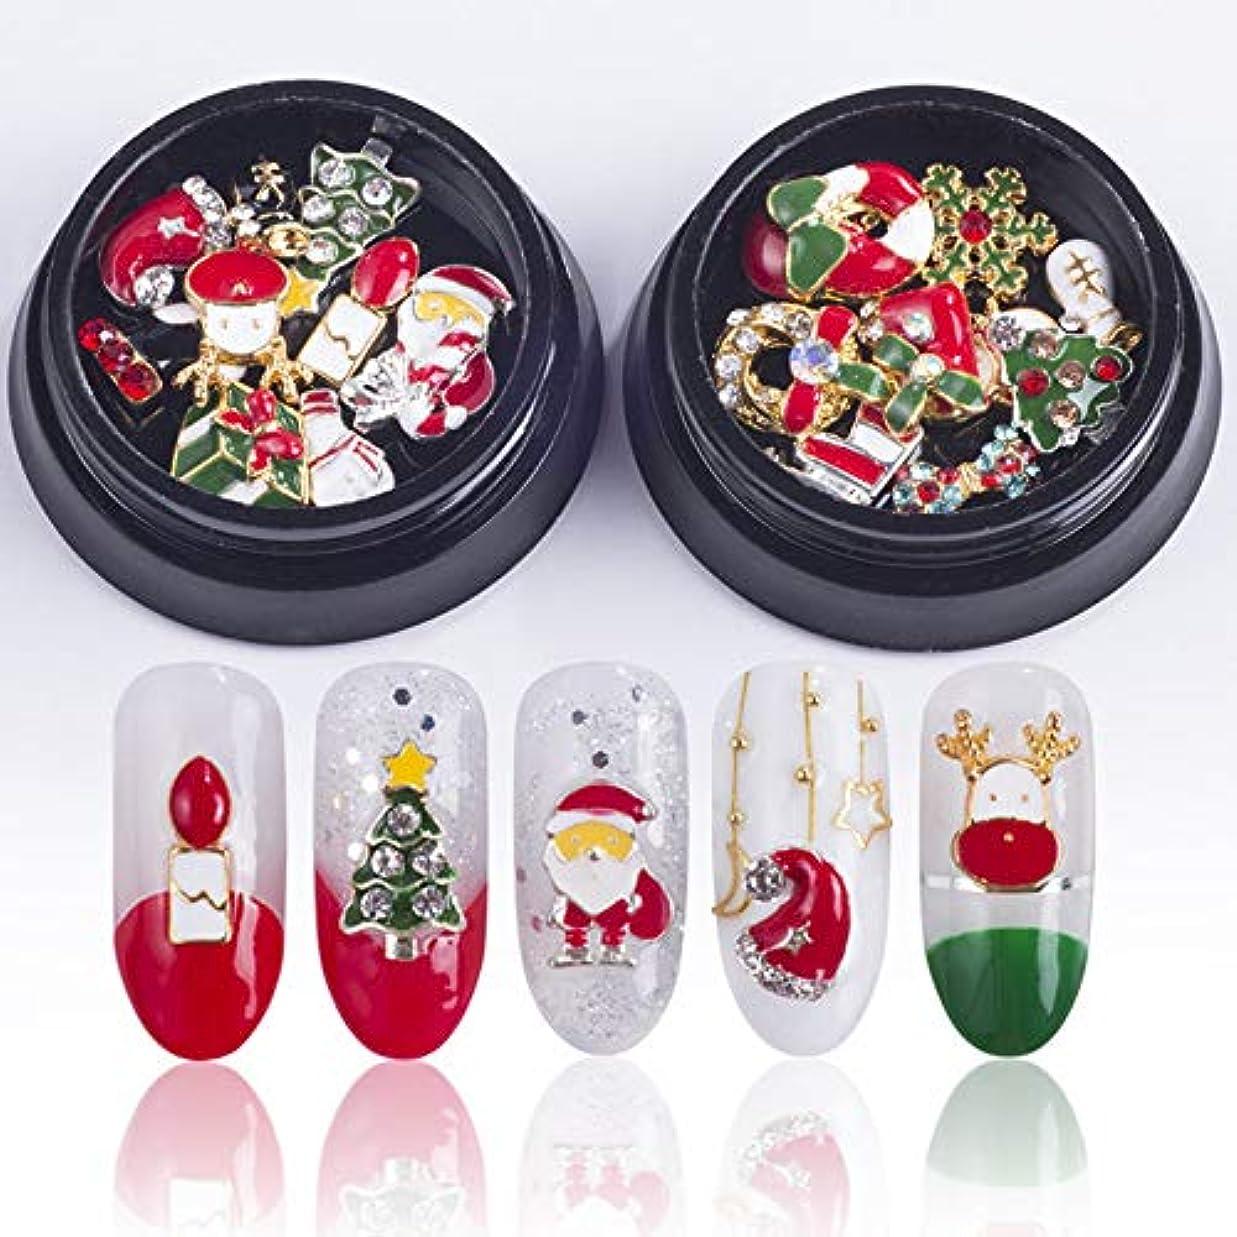 スパイラル養う問い合わせる20ピース/ 2ボックスゴールドシルバーメタル3dダイヤモンドネイルアートクリスマスデコレーションチャームネイルグリッターラインストーンネイル用品ジュエリー